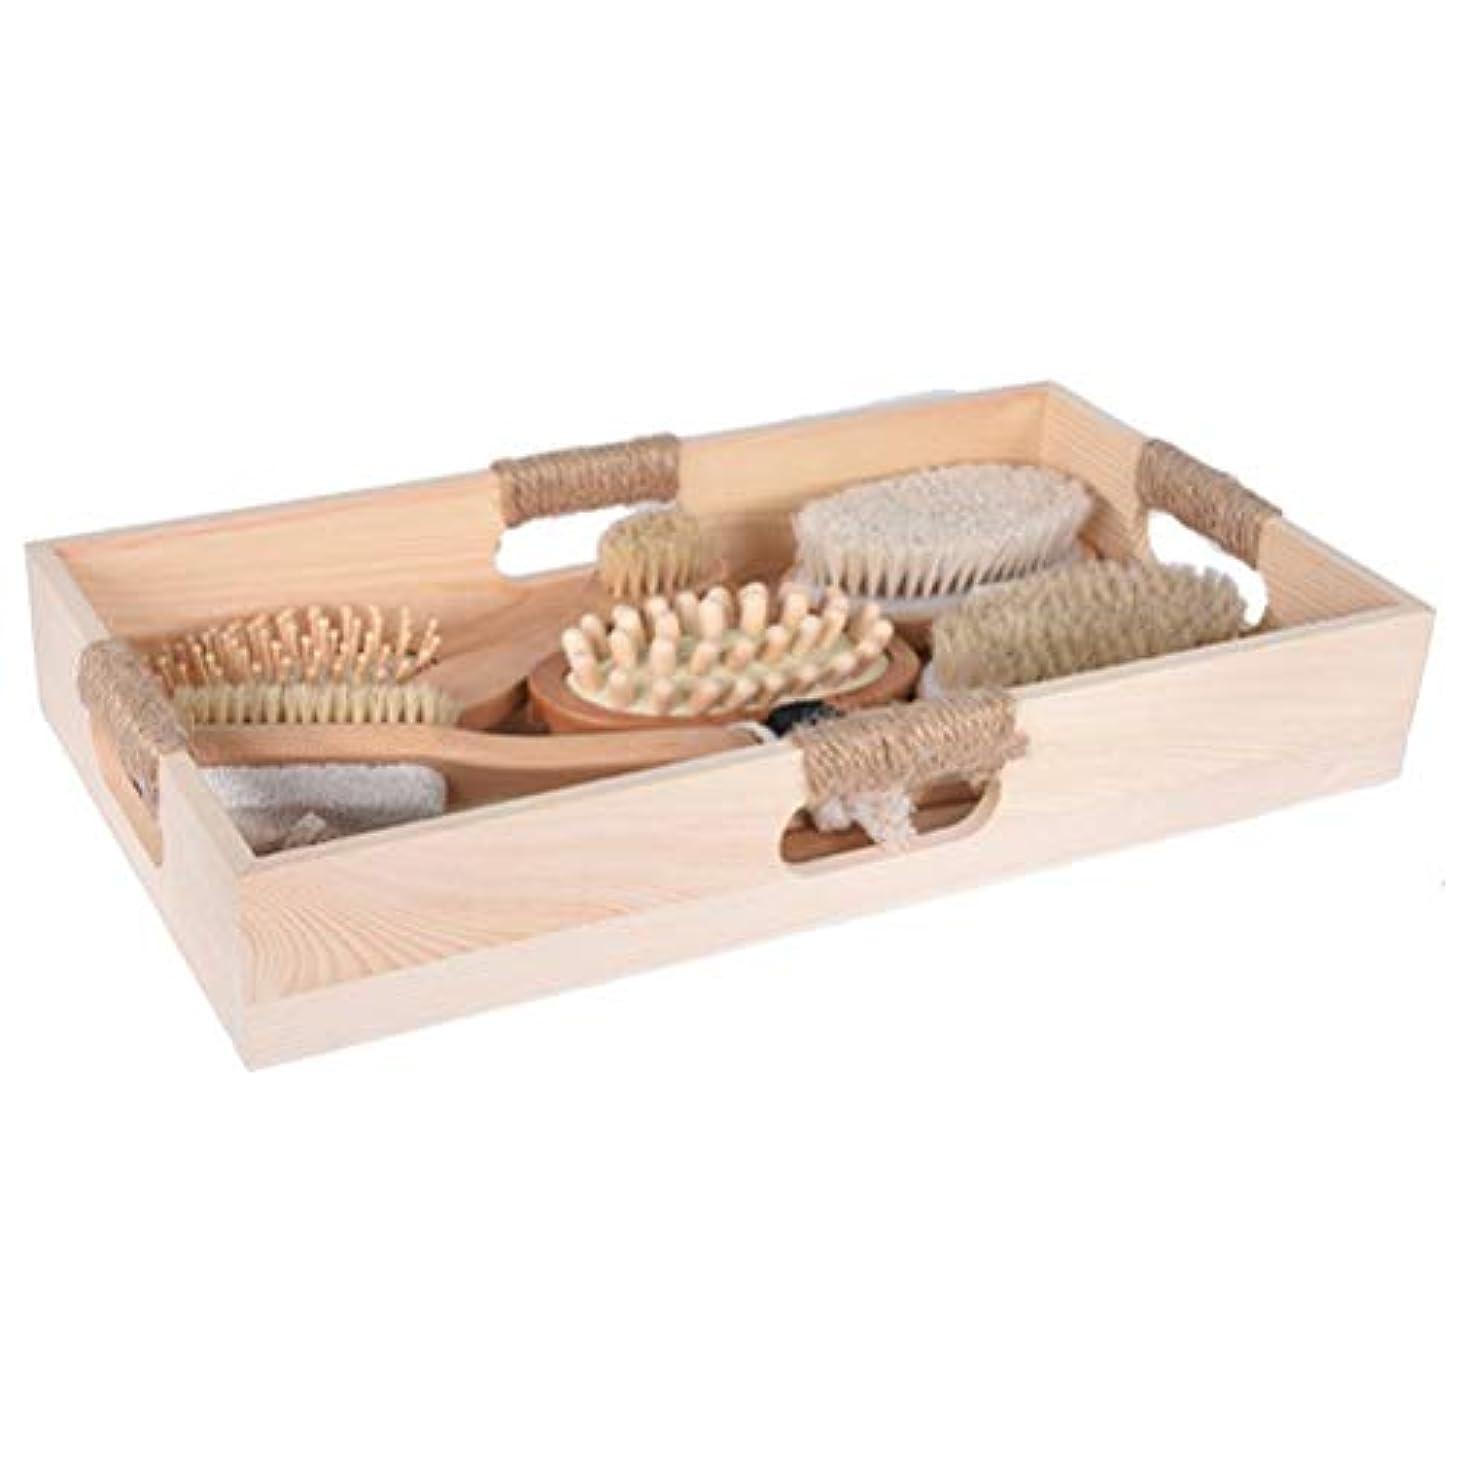 これら等価含めるHealifty 6ピース入浴ボディブラシマッサージブラシ木製ハンドルセルライトマッサージフットファイルブラシヘアマッサージ櫛で収納トレイ